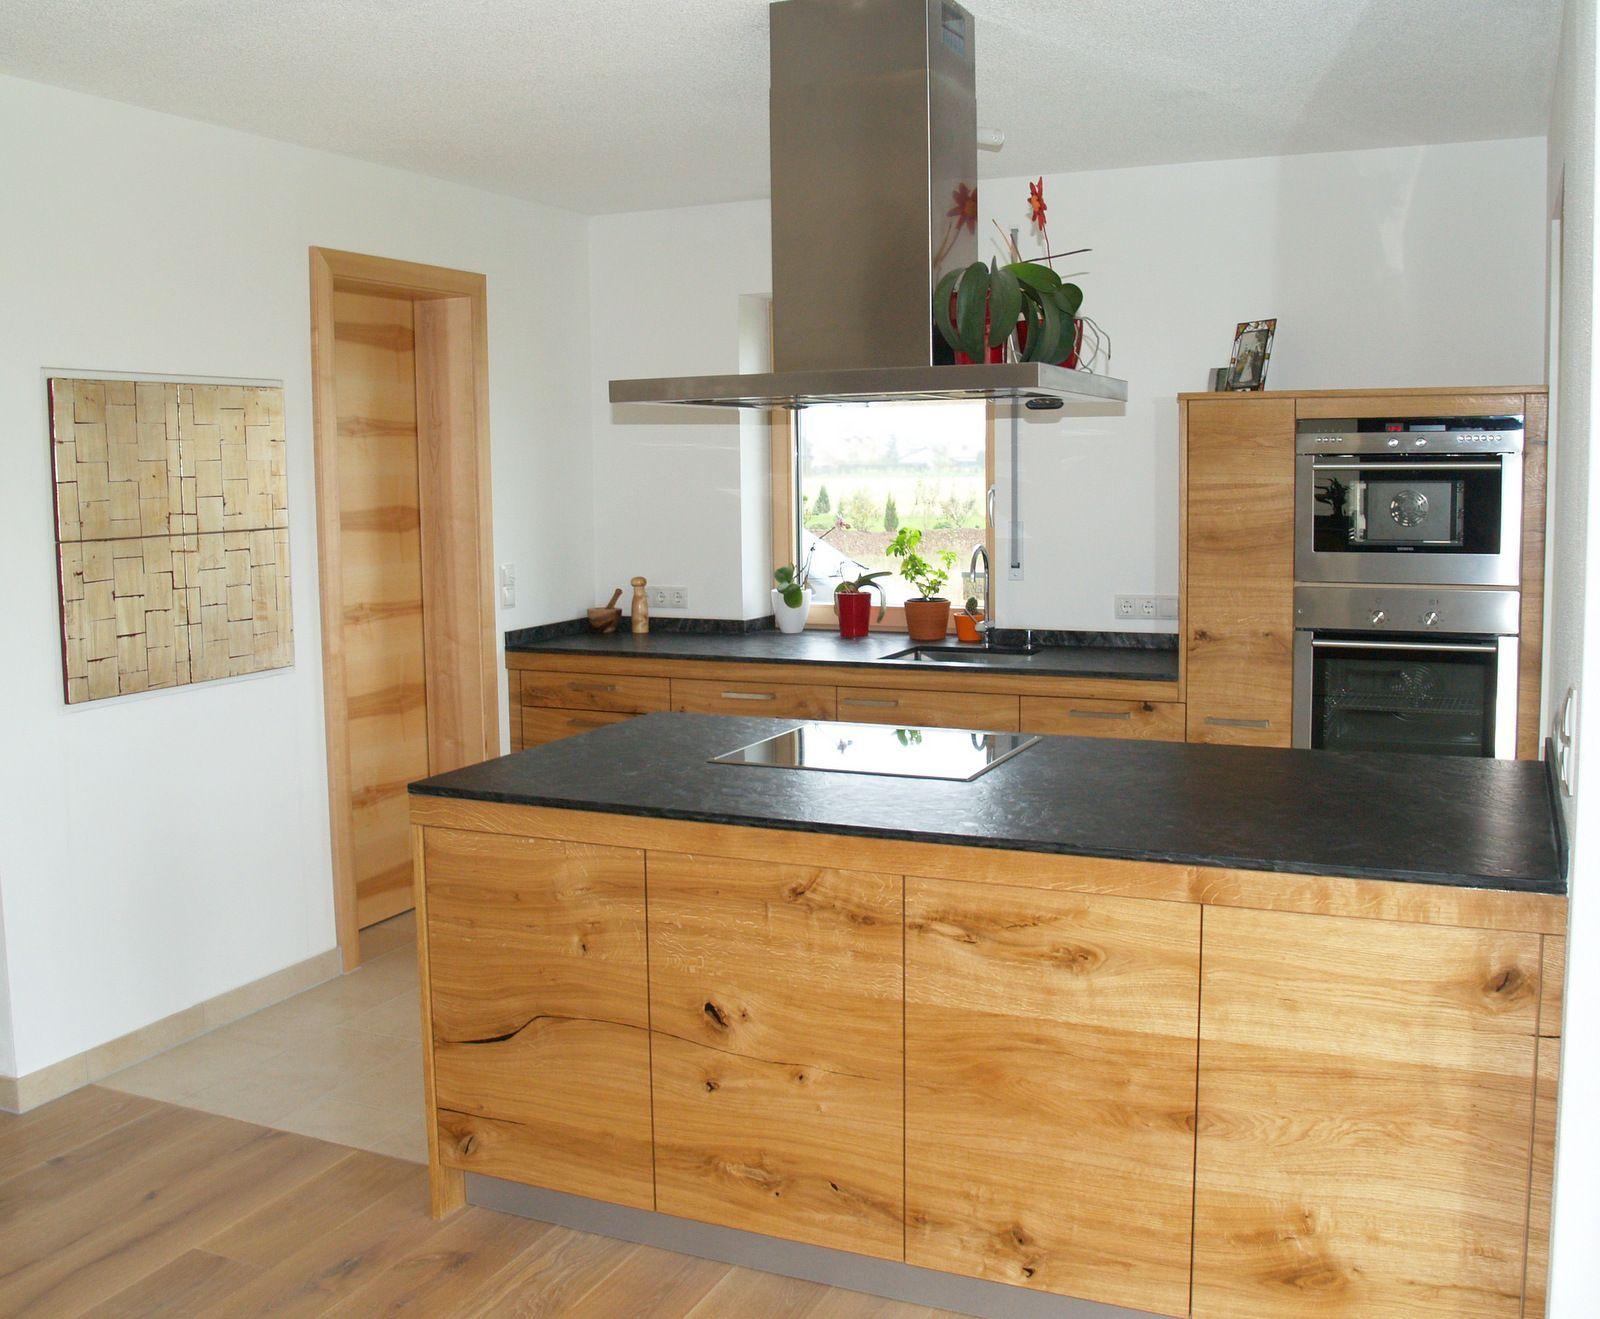 Schreinerkuche Aus Eiche Mit Steinarbeitsplatte Modernwoodkitchen With Images Modern Wood Kitchen Outdoor Kitchen Bars Kitchen Design